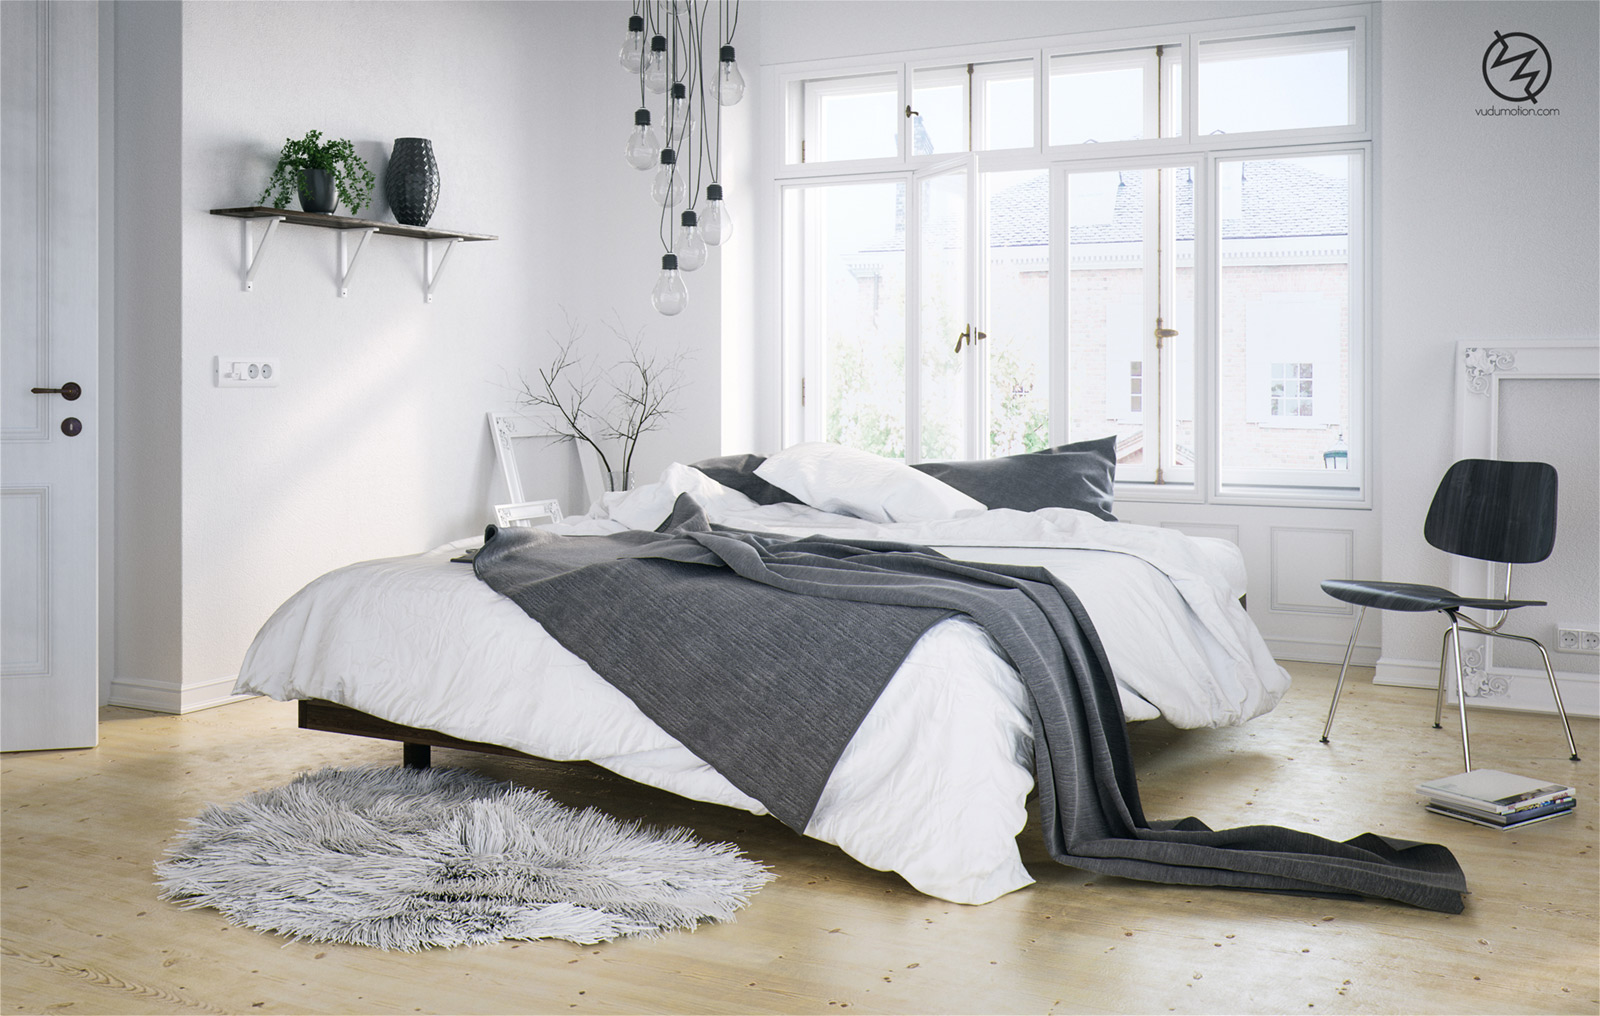 Skandinavisches schlafzimmer inspiration designs2love - Schlafzimmer inspiration ...